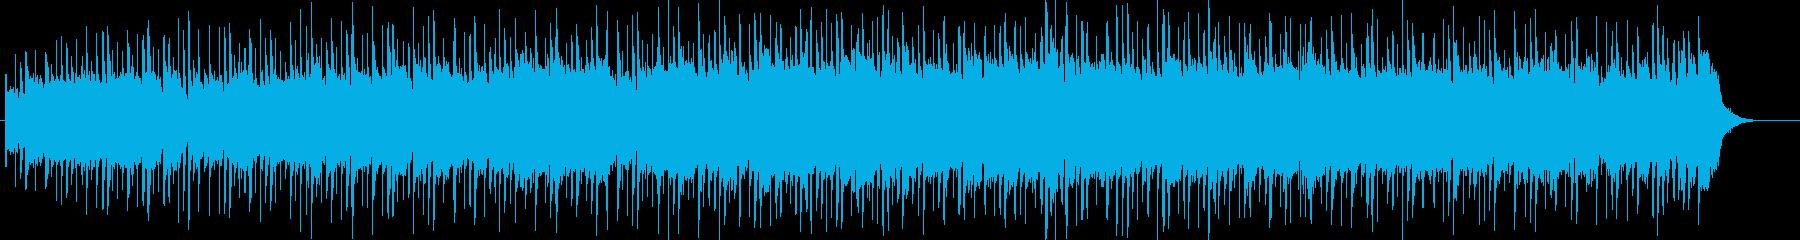 ふるさとをイメージの再生済みの波形